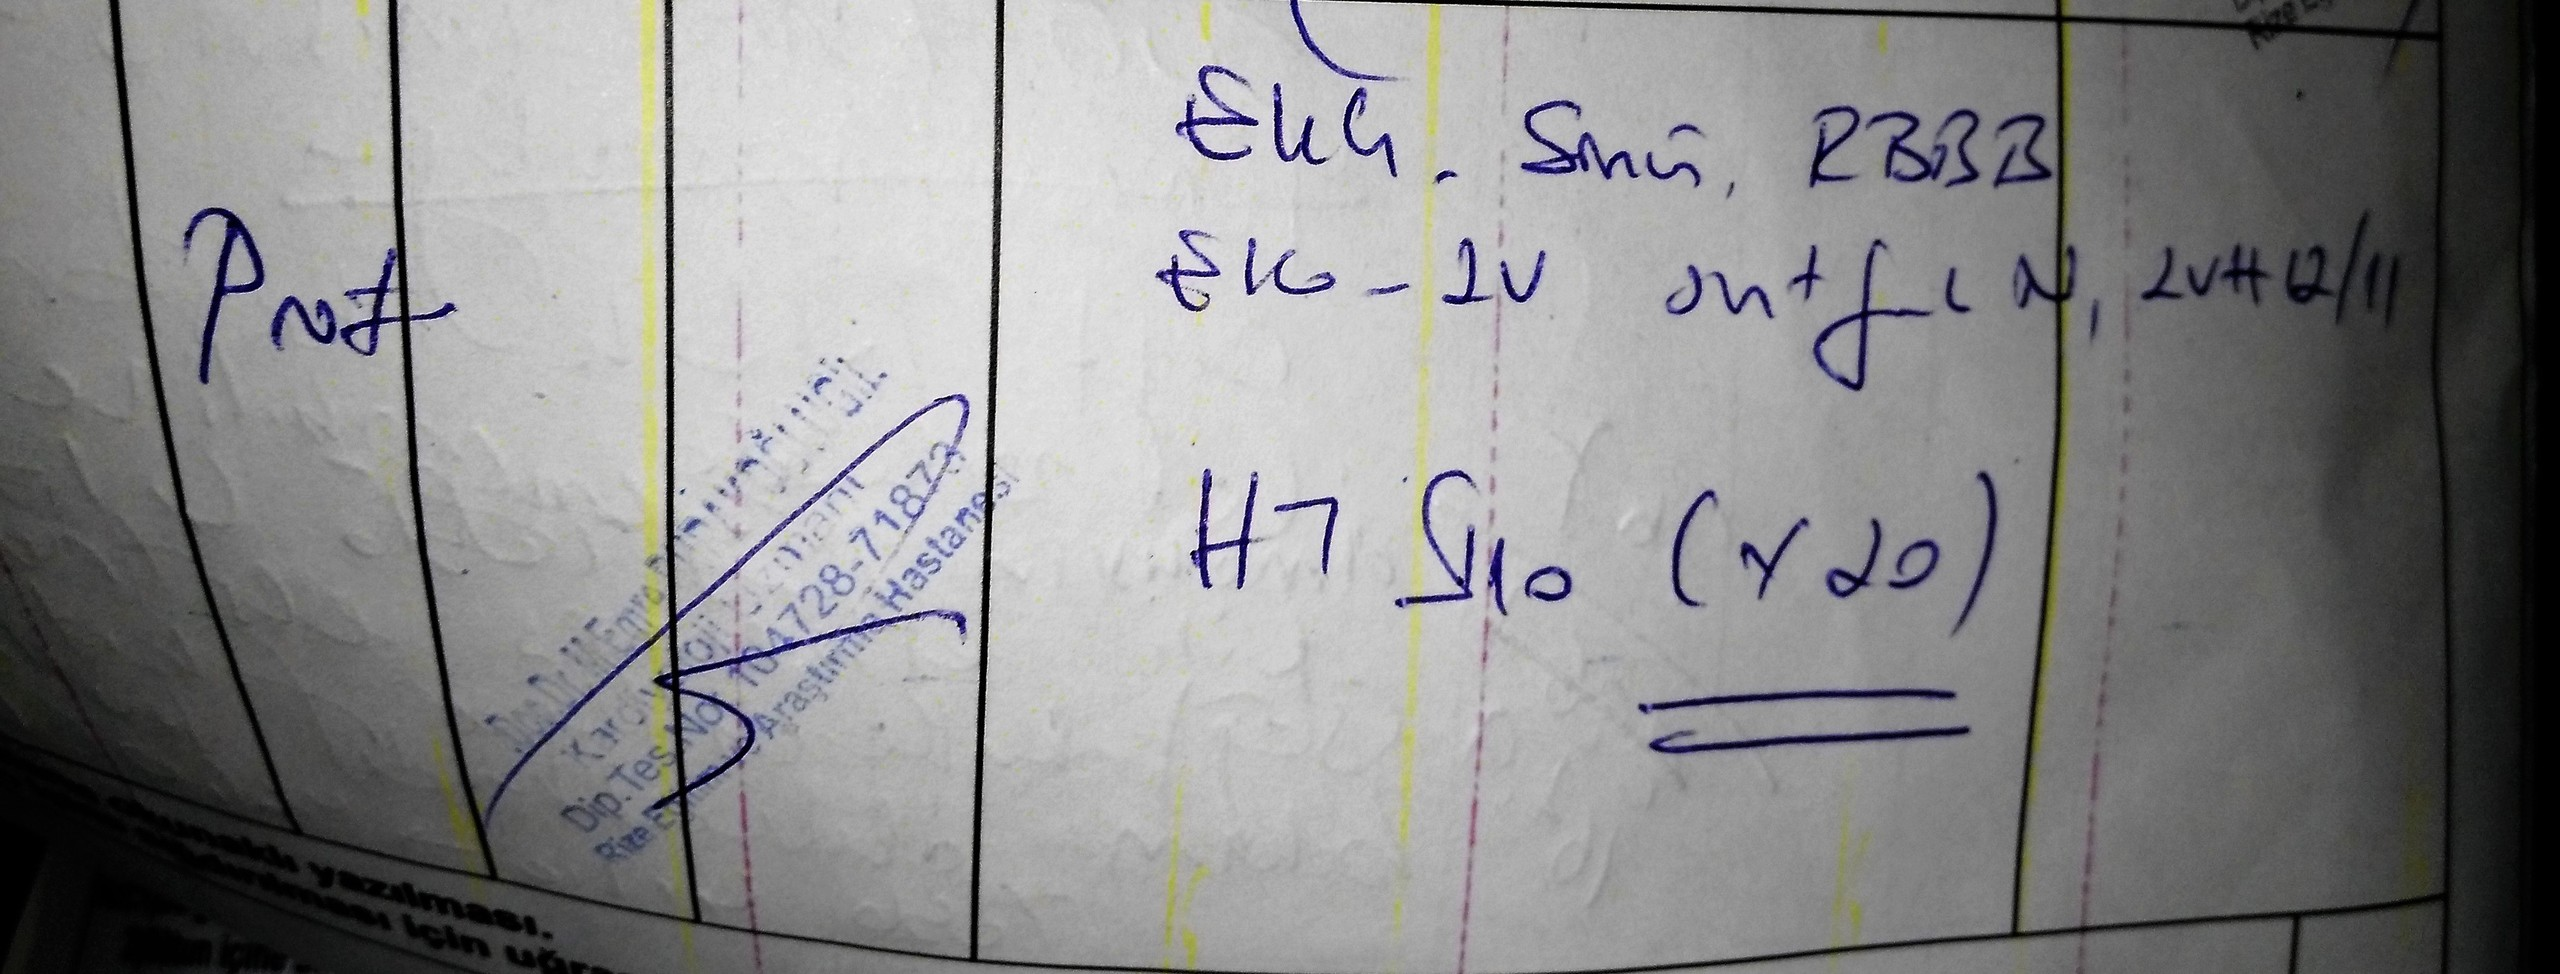 O70Y75 - Babamın rahatsızlıklarından dolayı ÖTV indirimi için yeterli oranda rapor..?